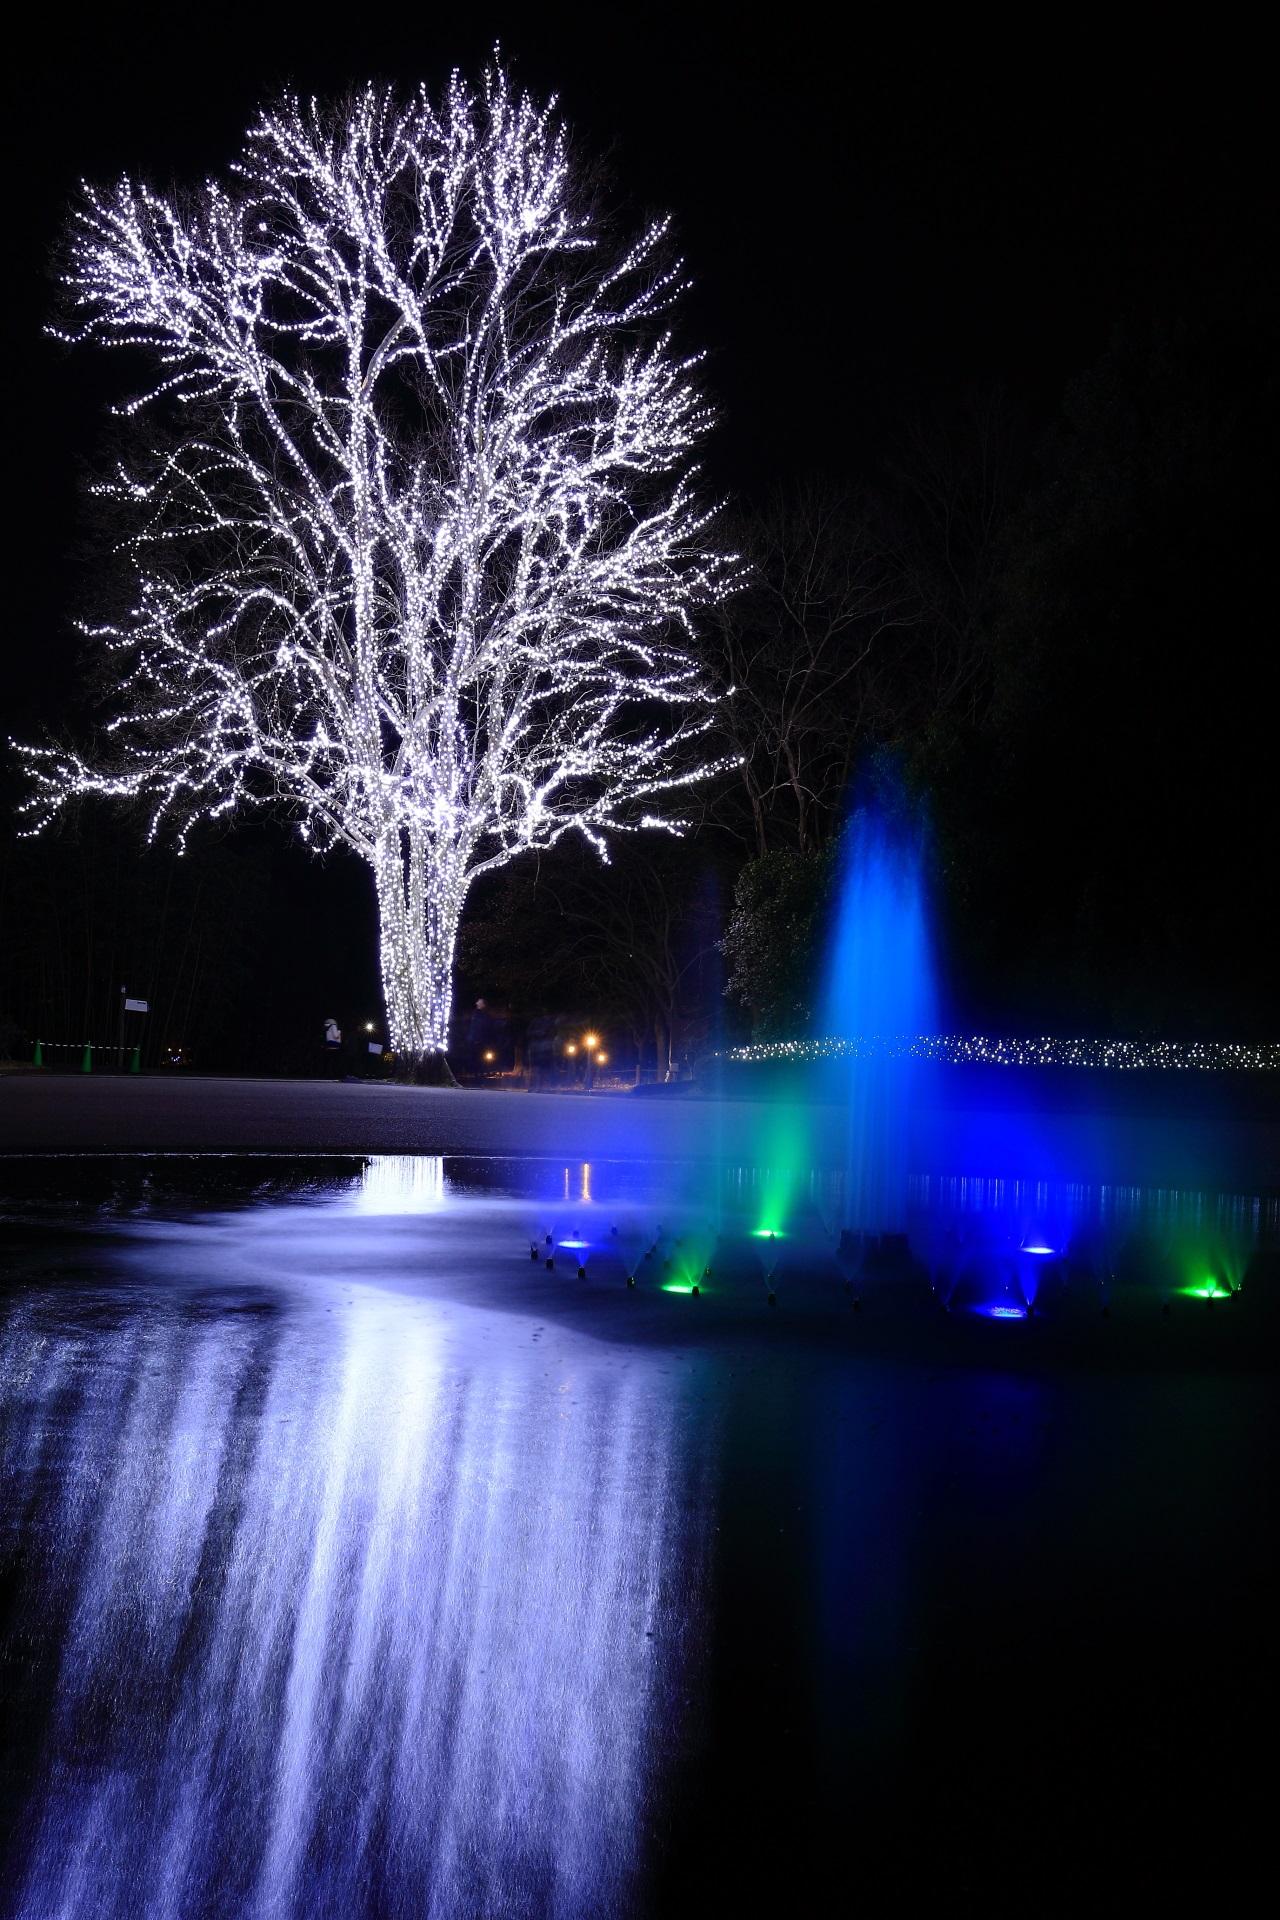 京都府立植物園の綺麗で楽しいイルミネーション